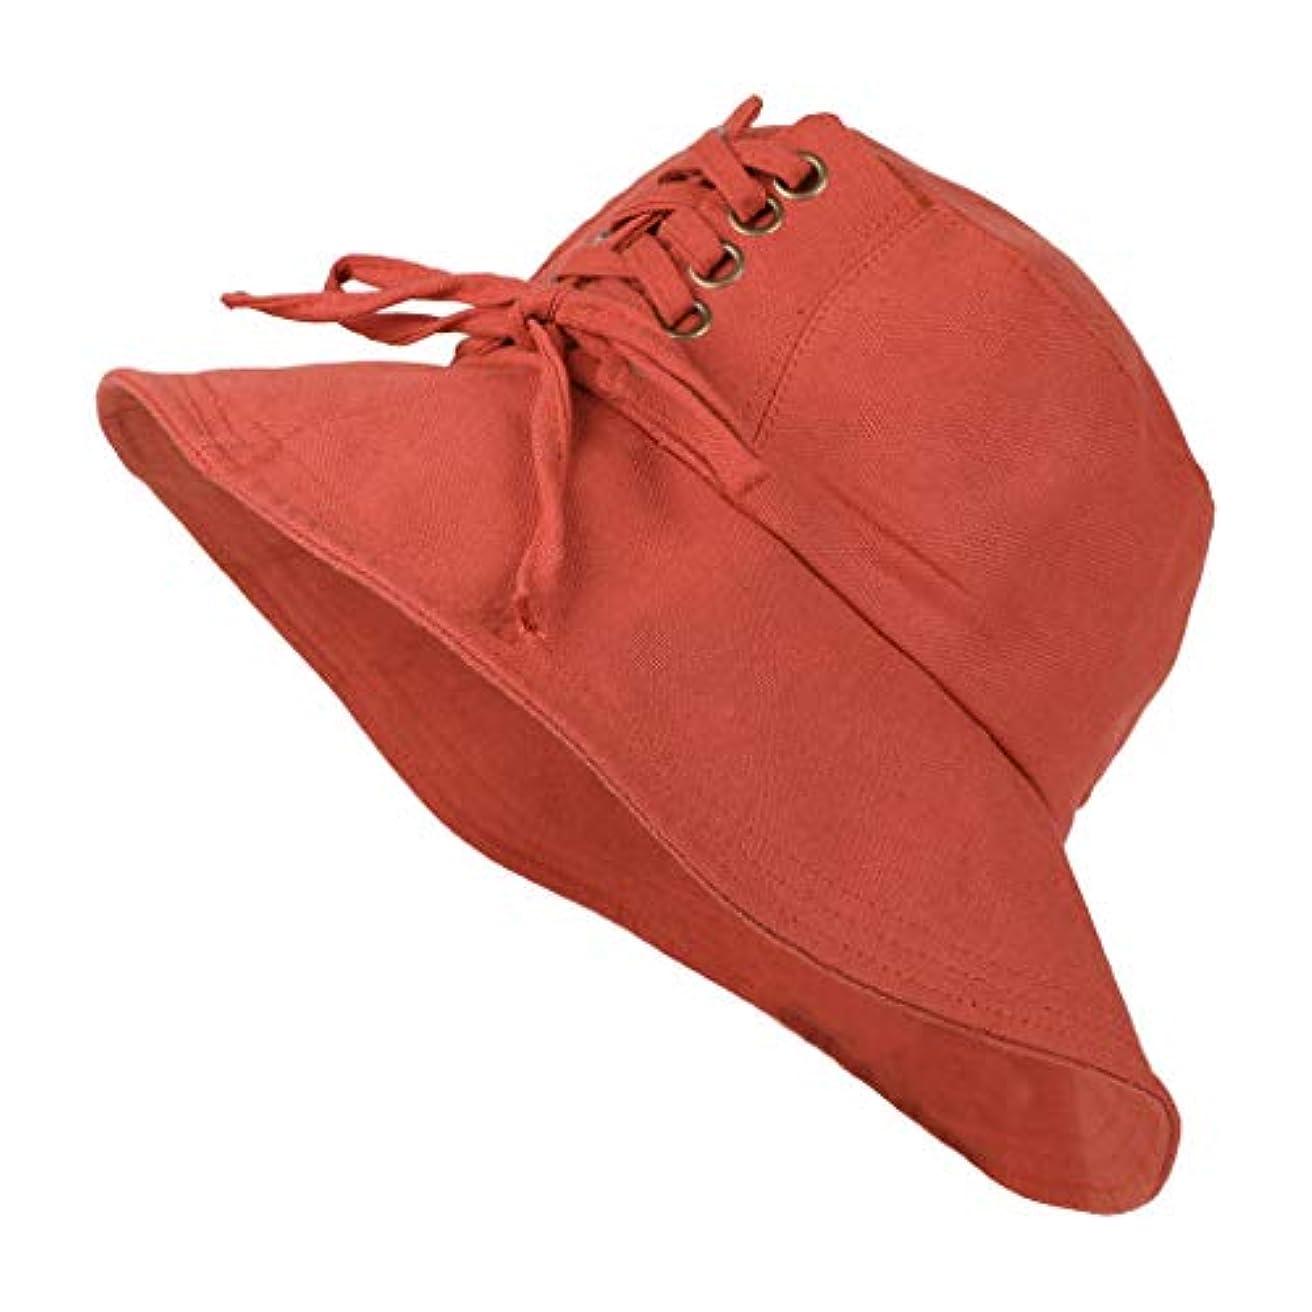 ハッチ代名詞ワイヤーUVカット 帽子 レディース 日よけ 帽子 レディース ハット つば広 ハット日よけ 折りたたみ 夏季 女優帽 小顔効果抜群 日よけ 小顔 UV対策 おしゃれ 可愛い ハット ニット帽 キャップ レディース ROSE ROMAN